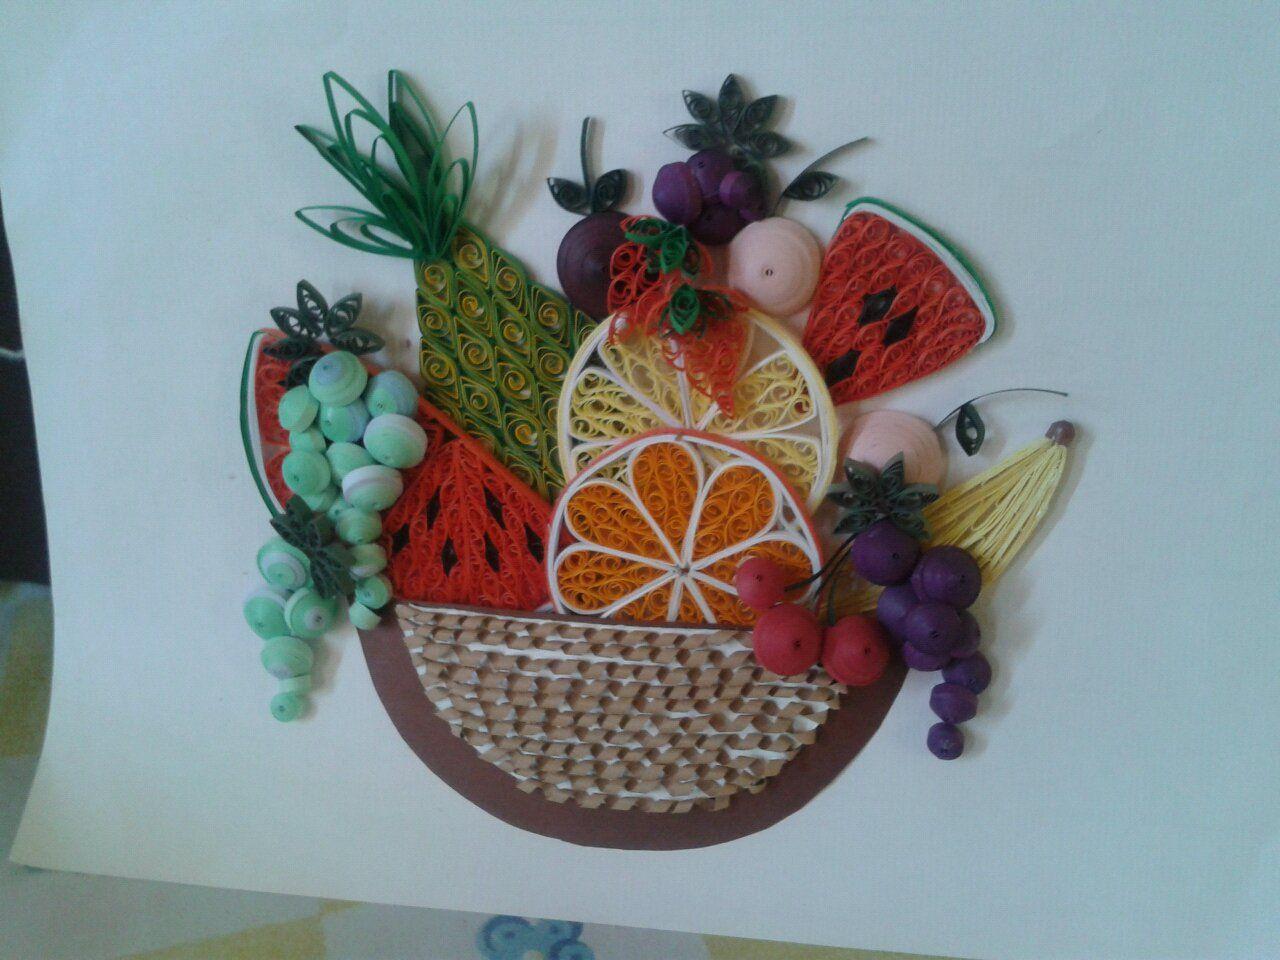 квиллинг фрукты фото вообще идея классная